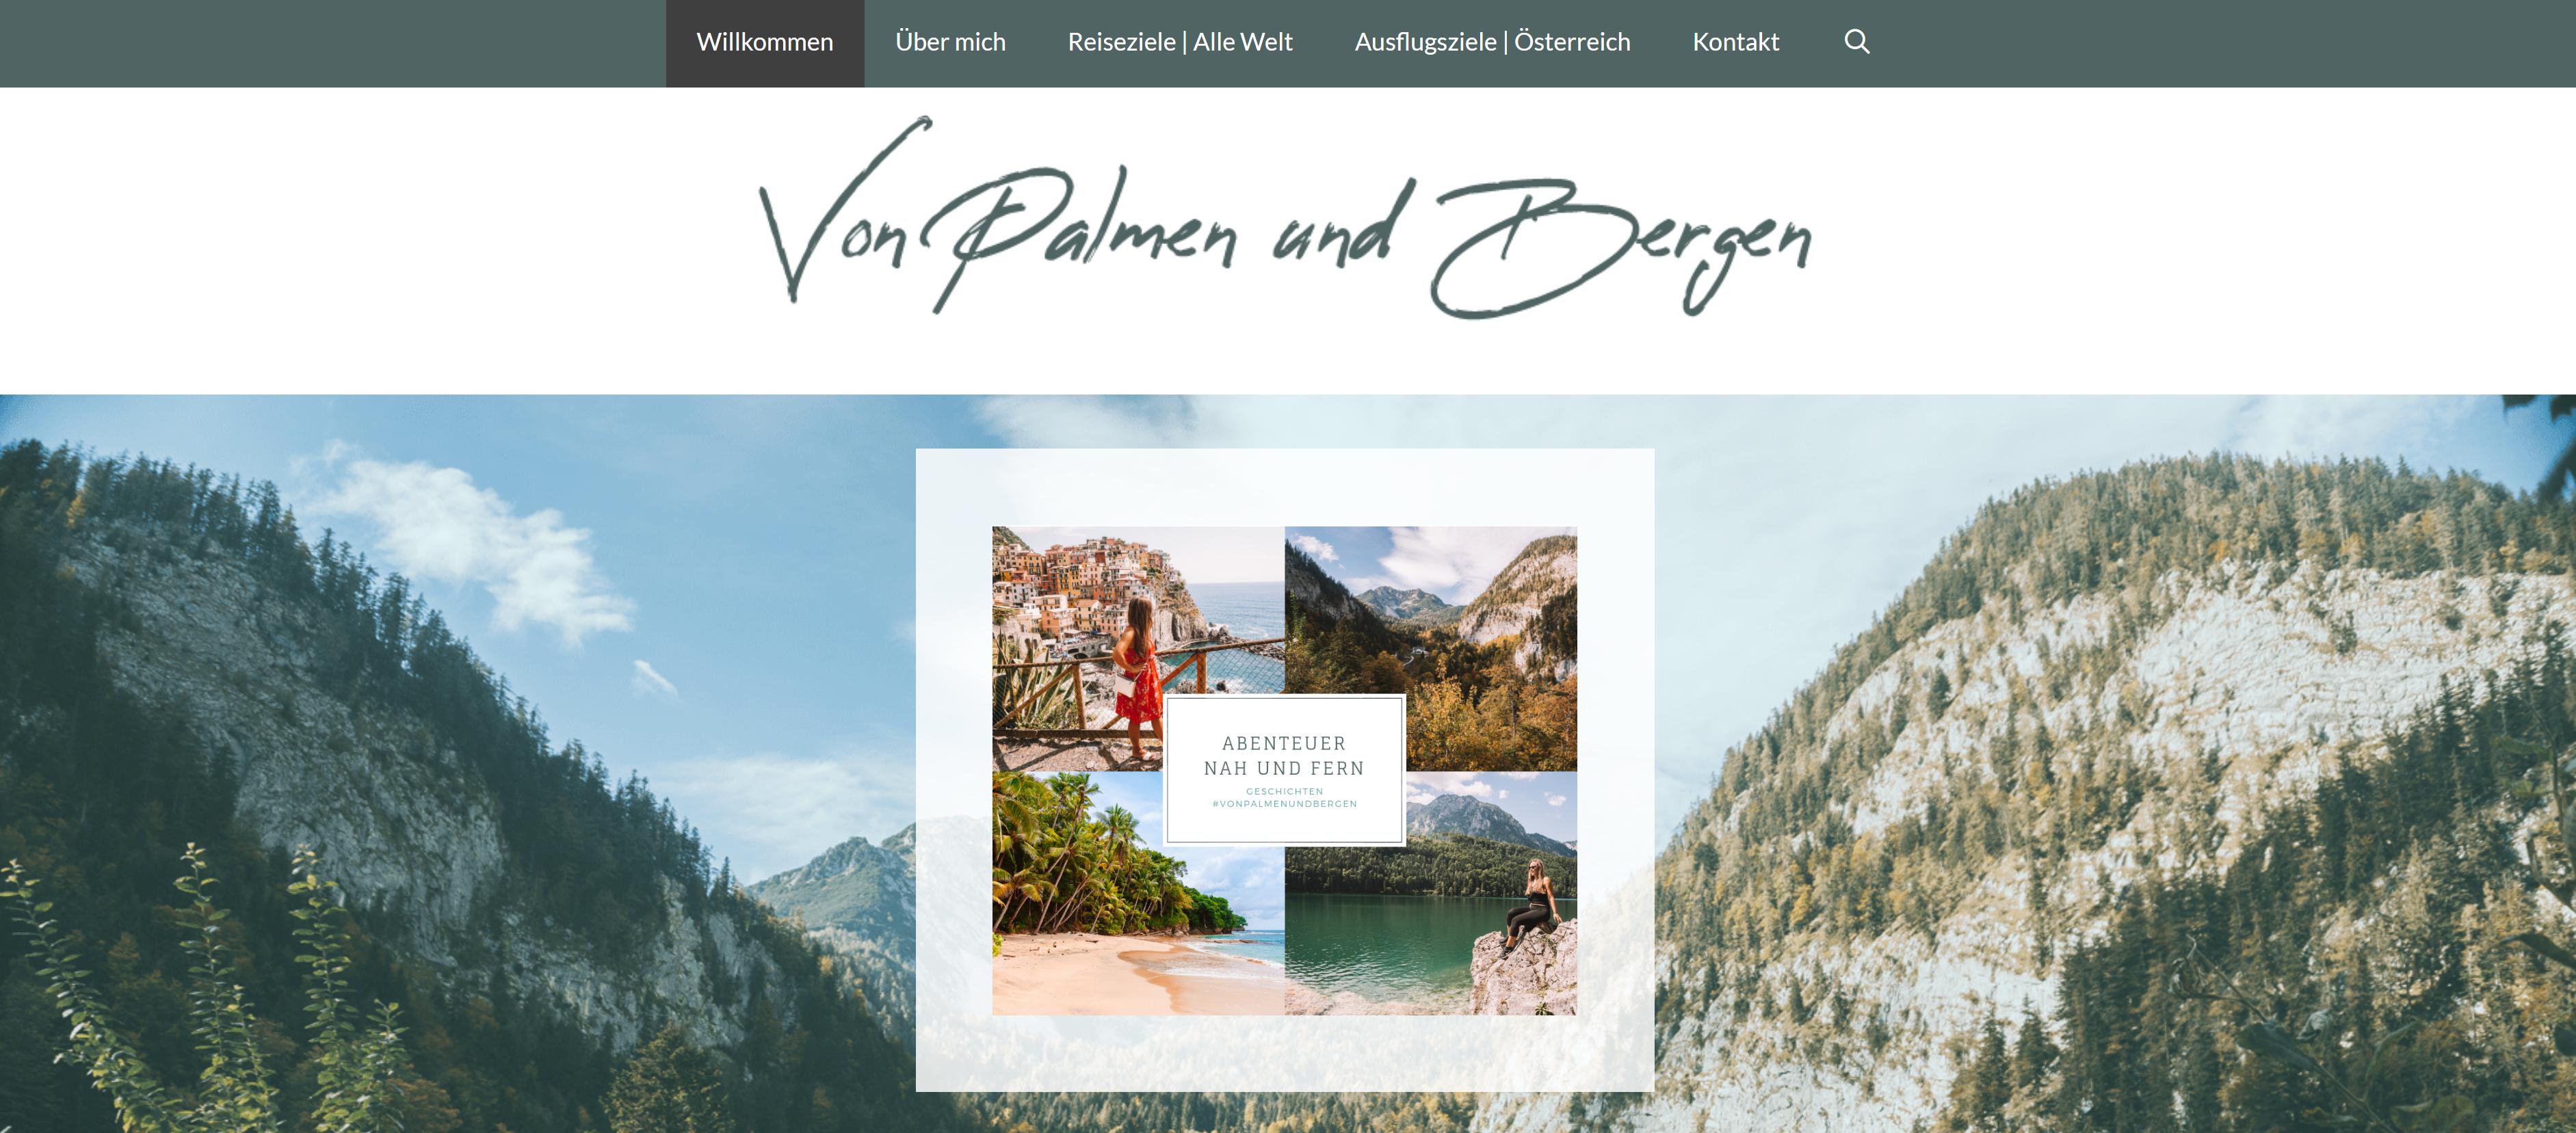 Reiseblog vonpalmenundbergen.at Daniela König